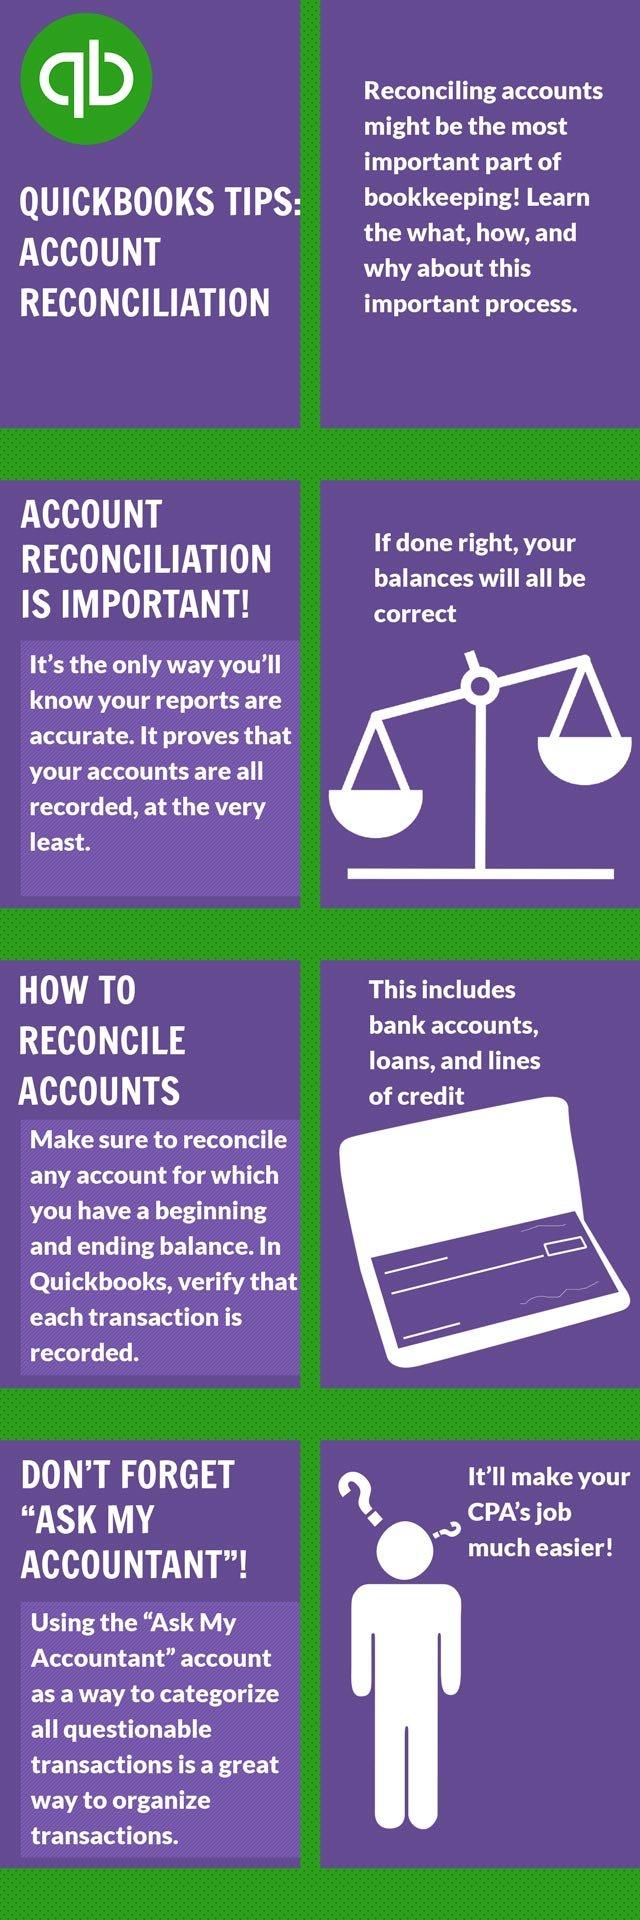 Quickbooks-Account-Reconciliation.jpg